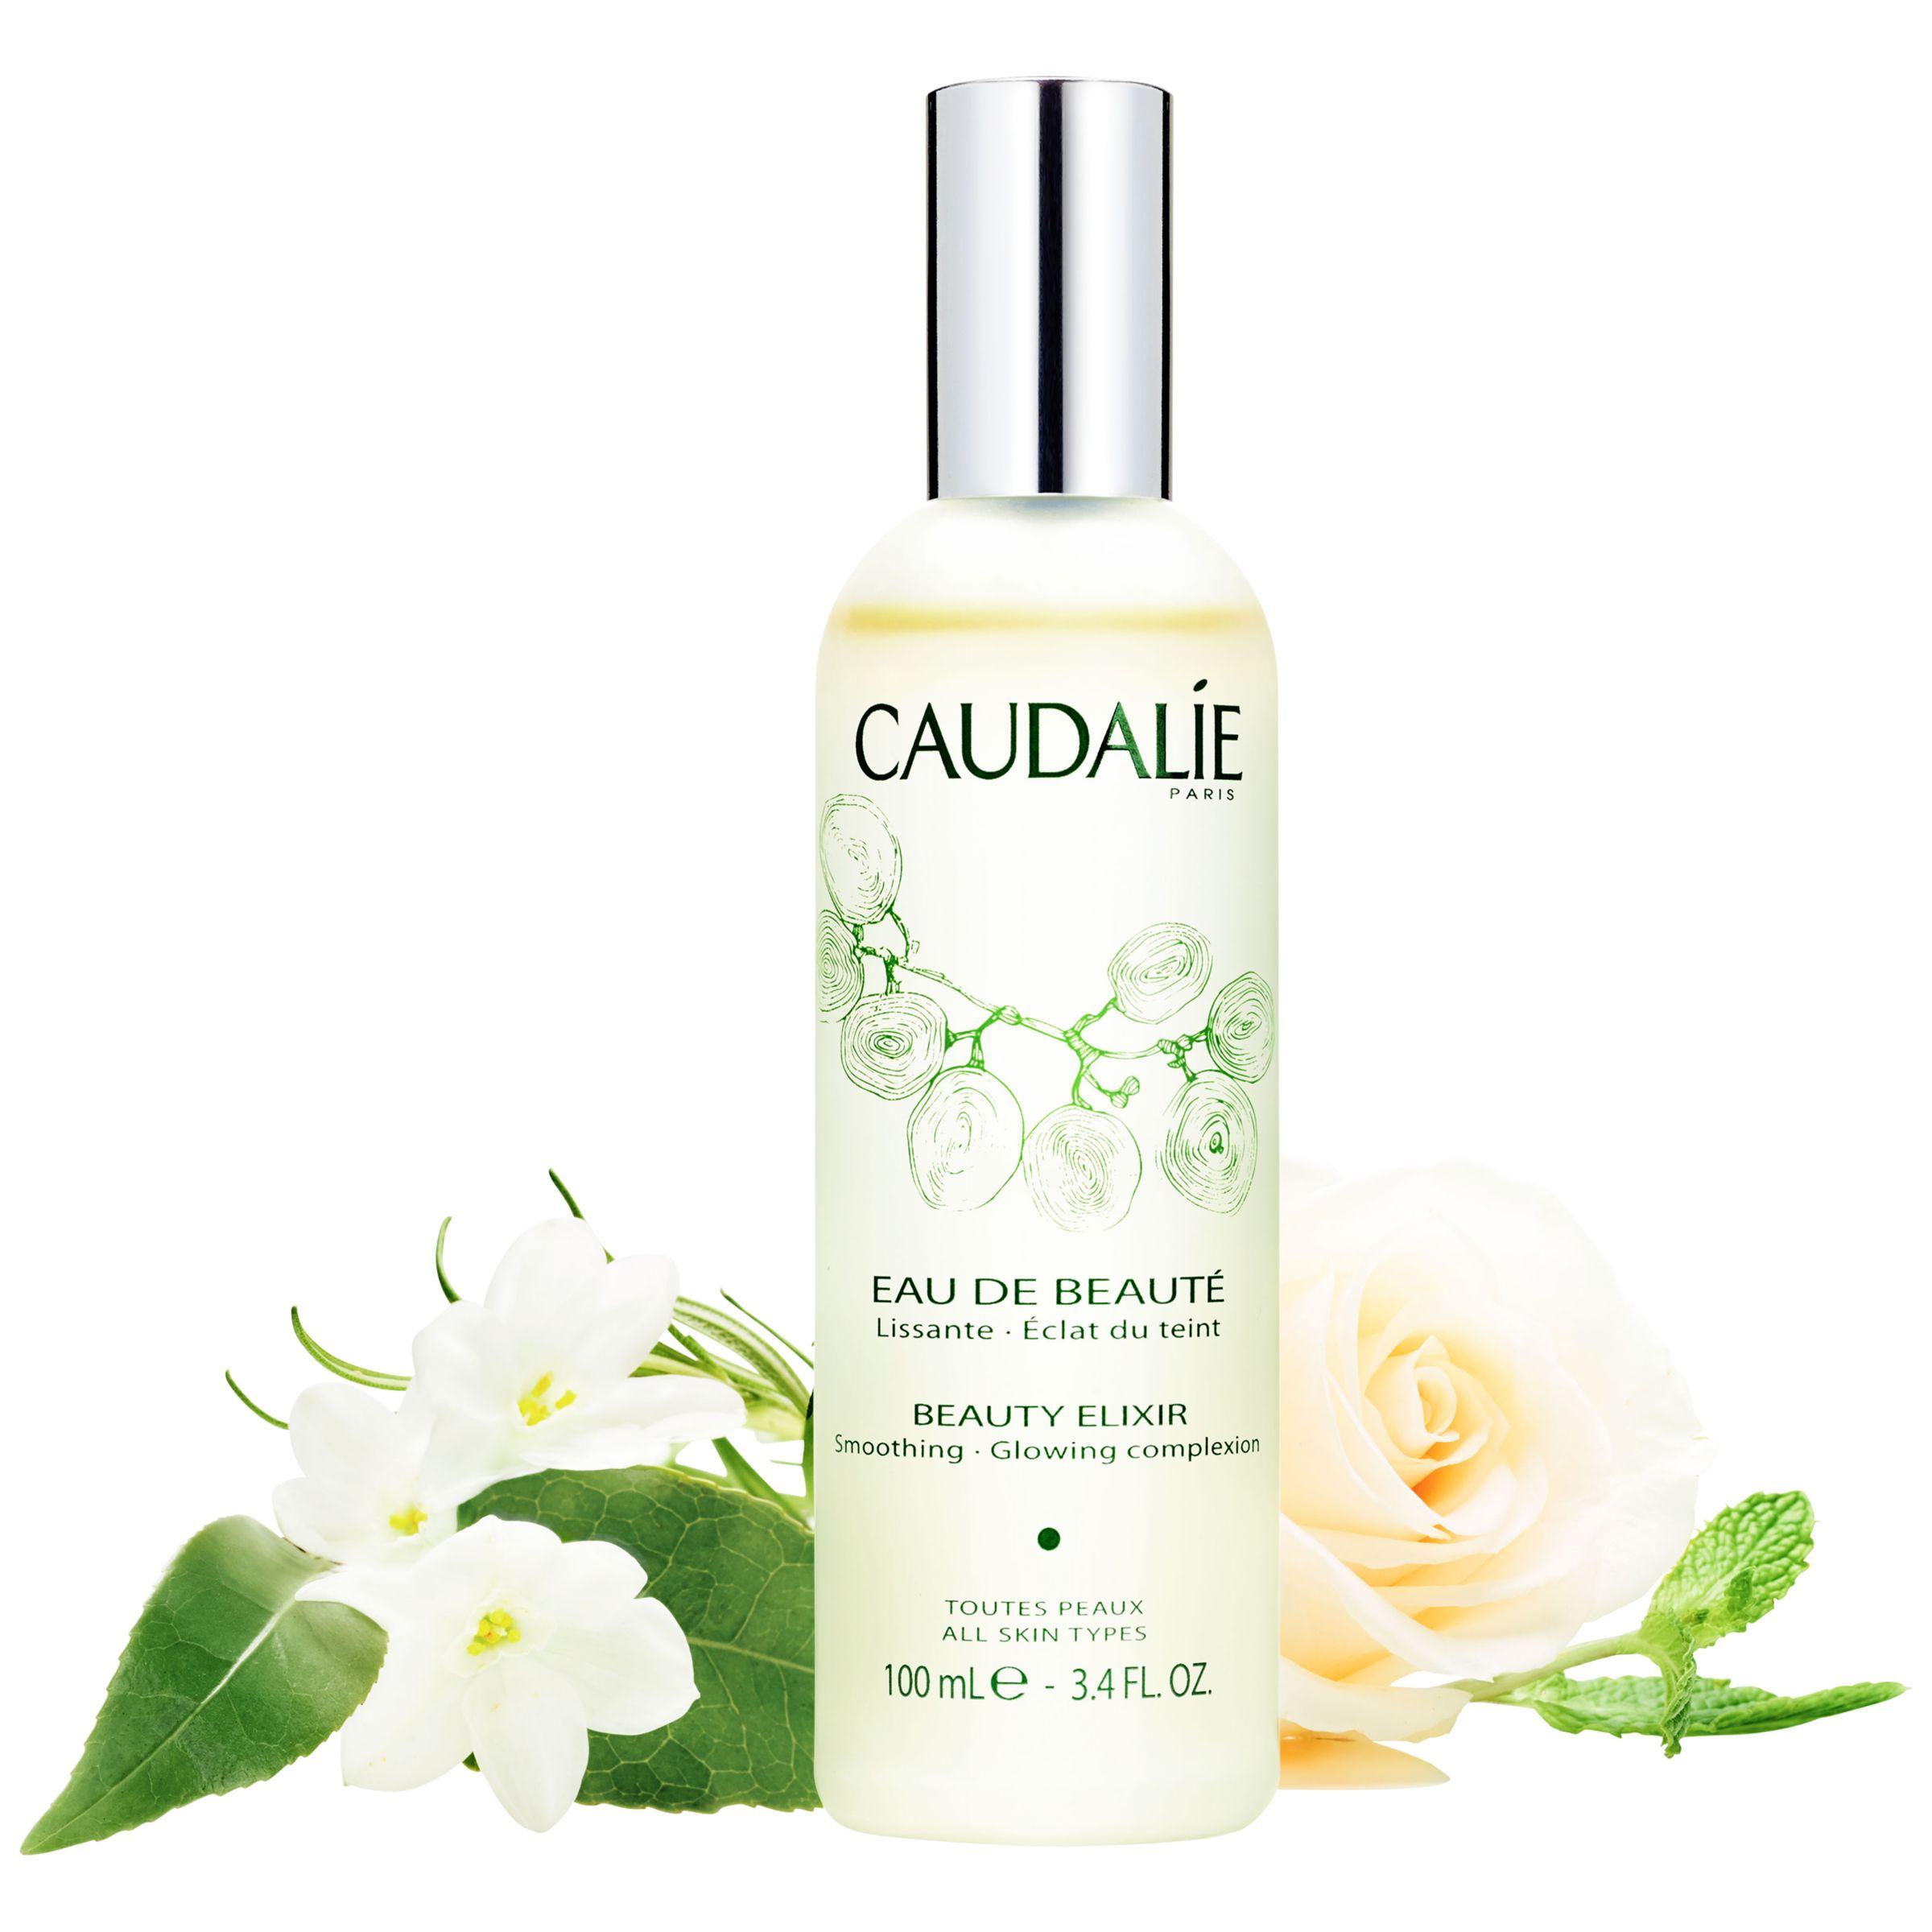 Caudalie Caudalie Beauty Elixir, 100ml